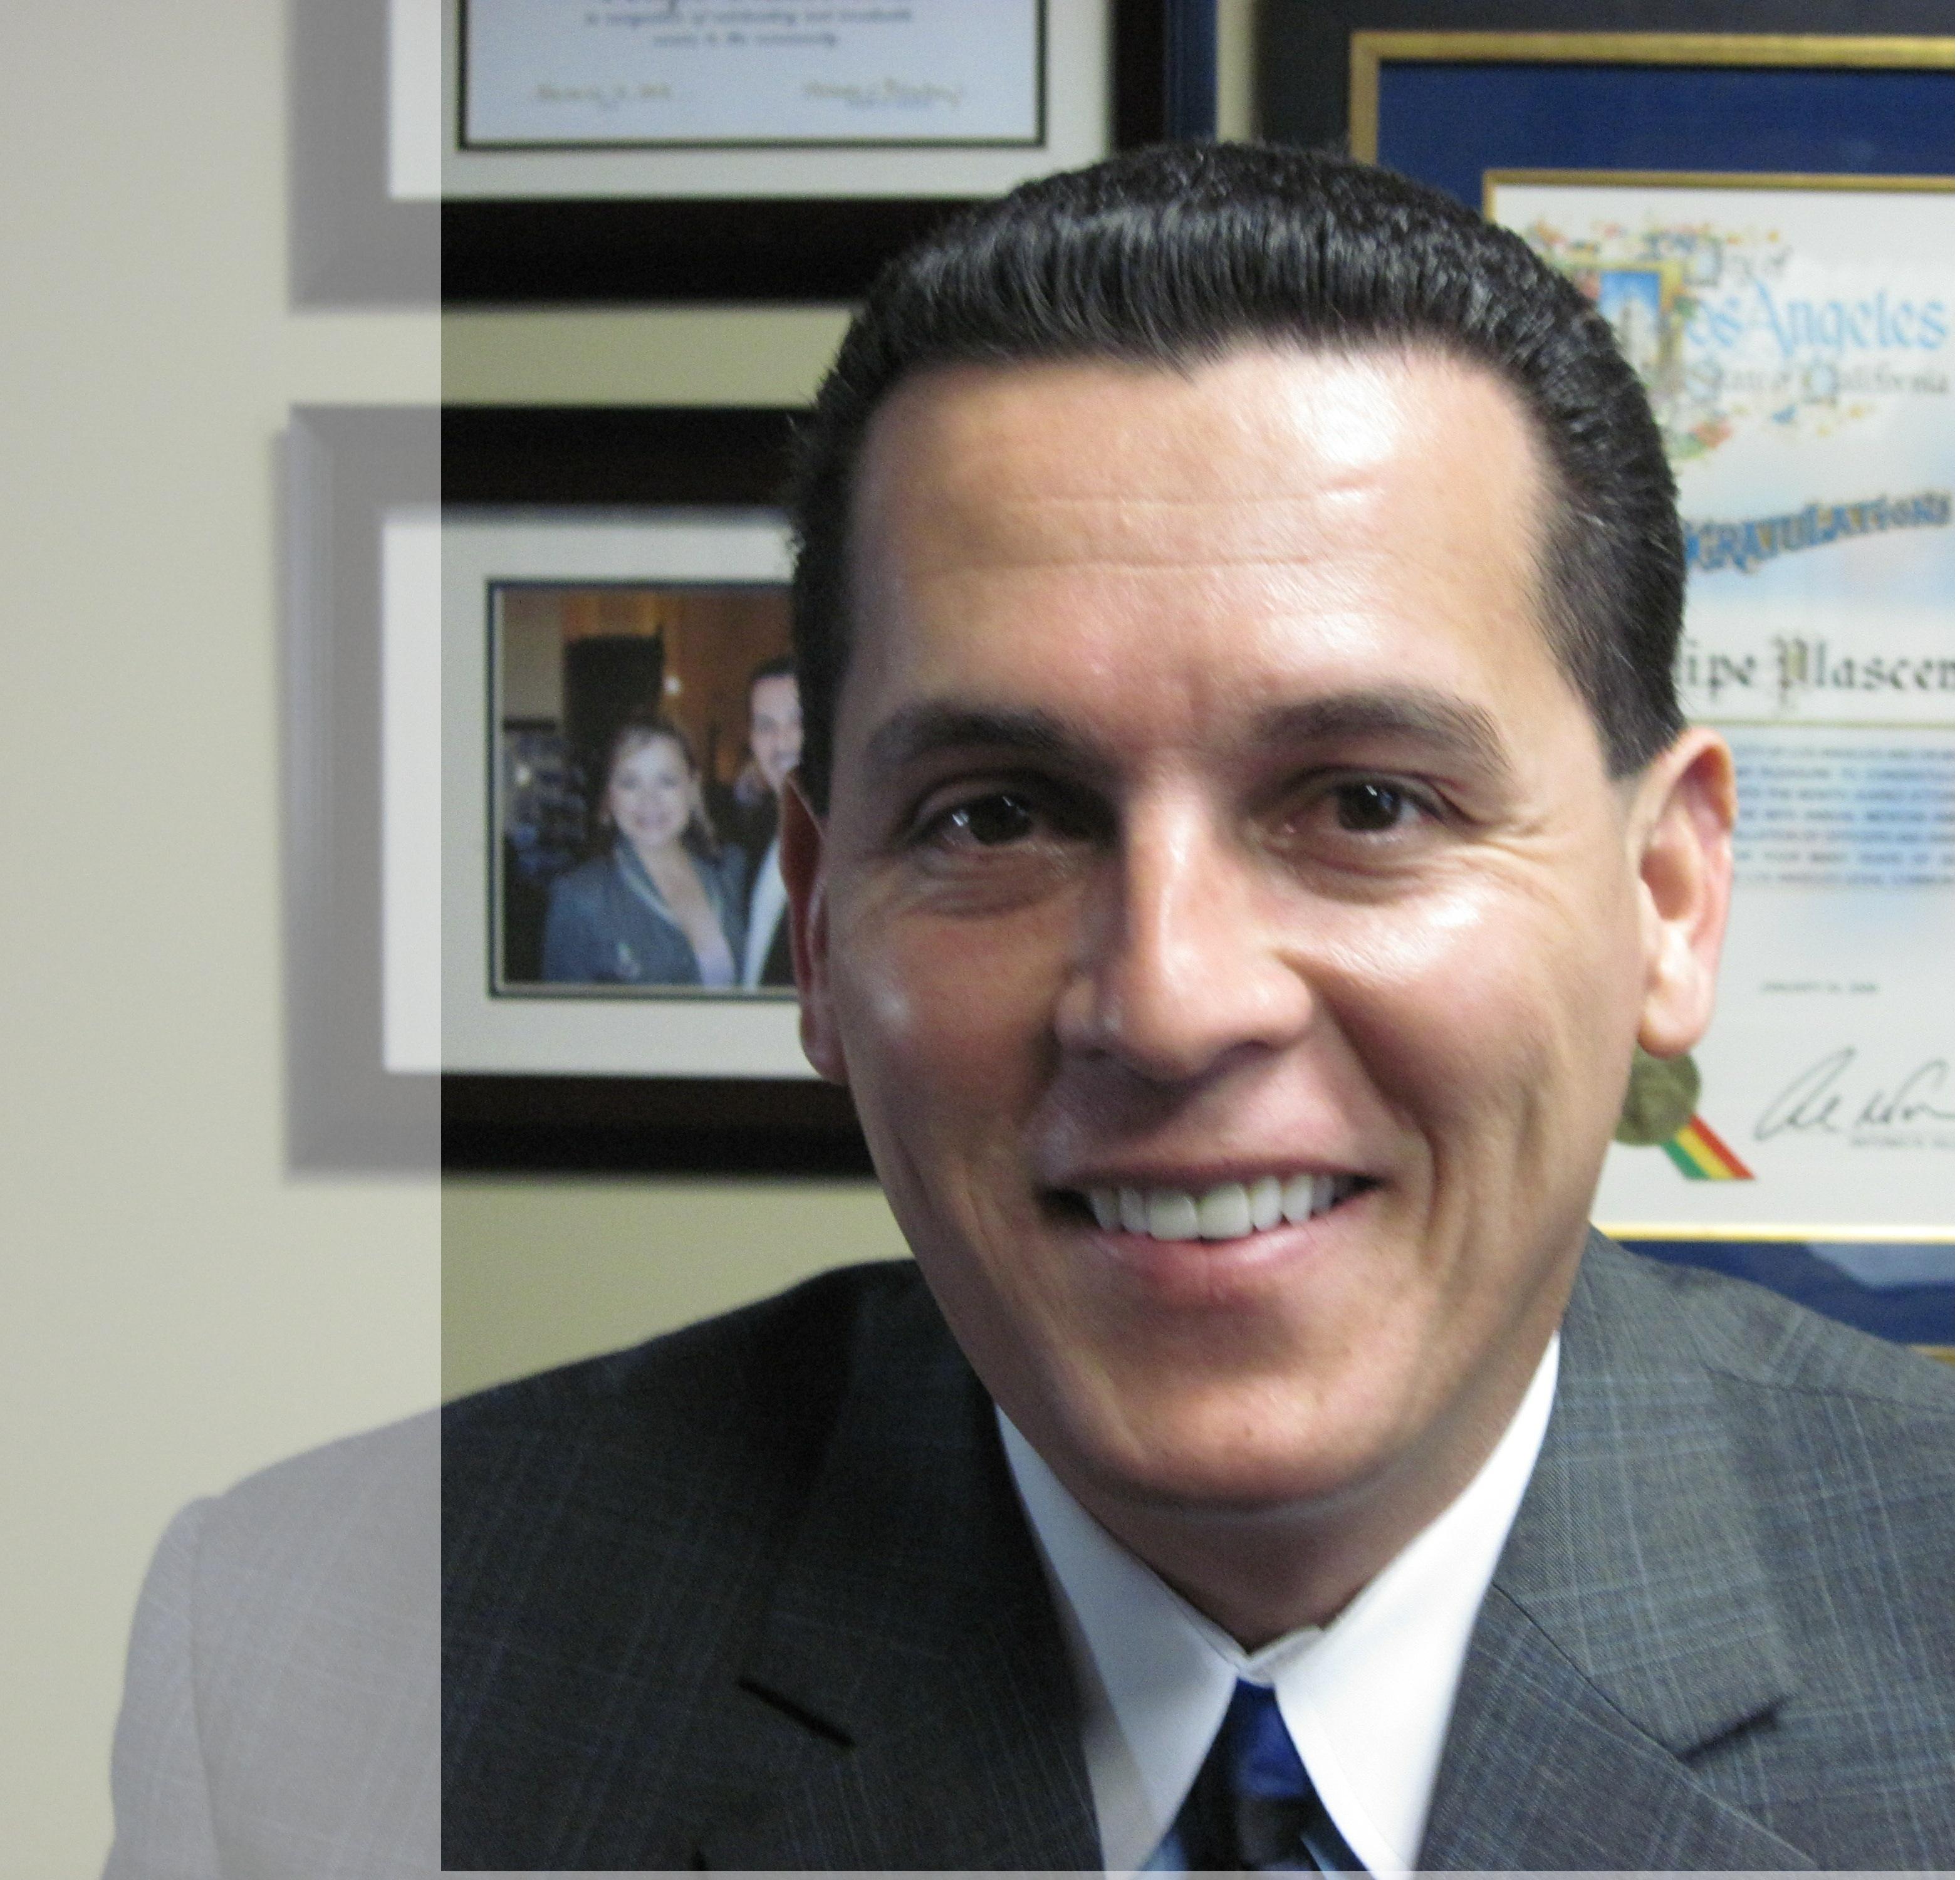 Felipe Iniguez Plascencia Whittier California Attorney On